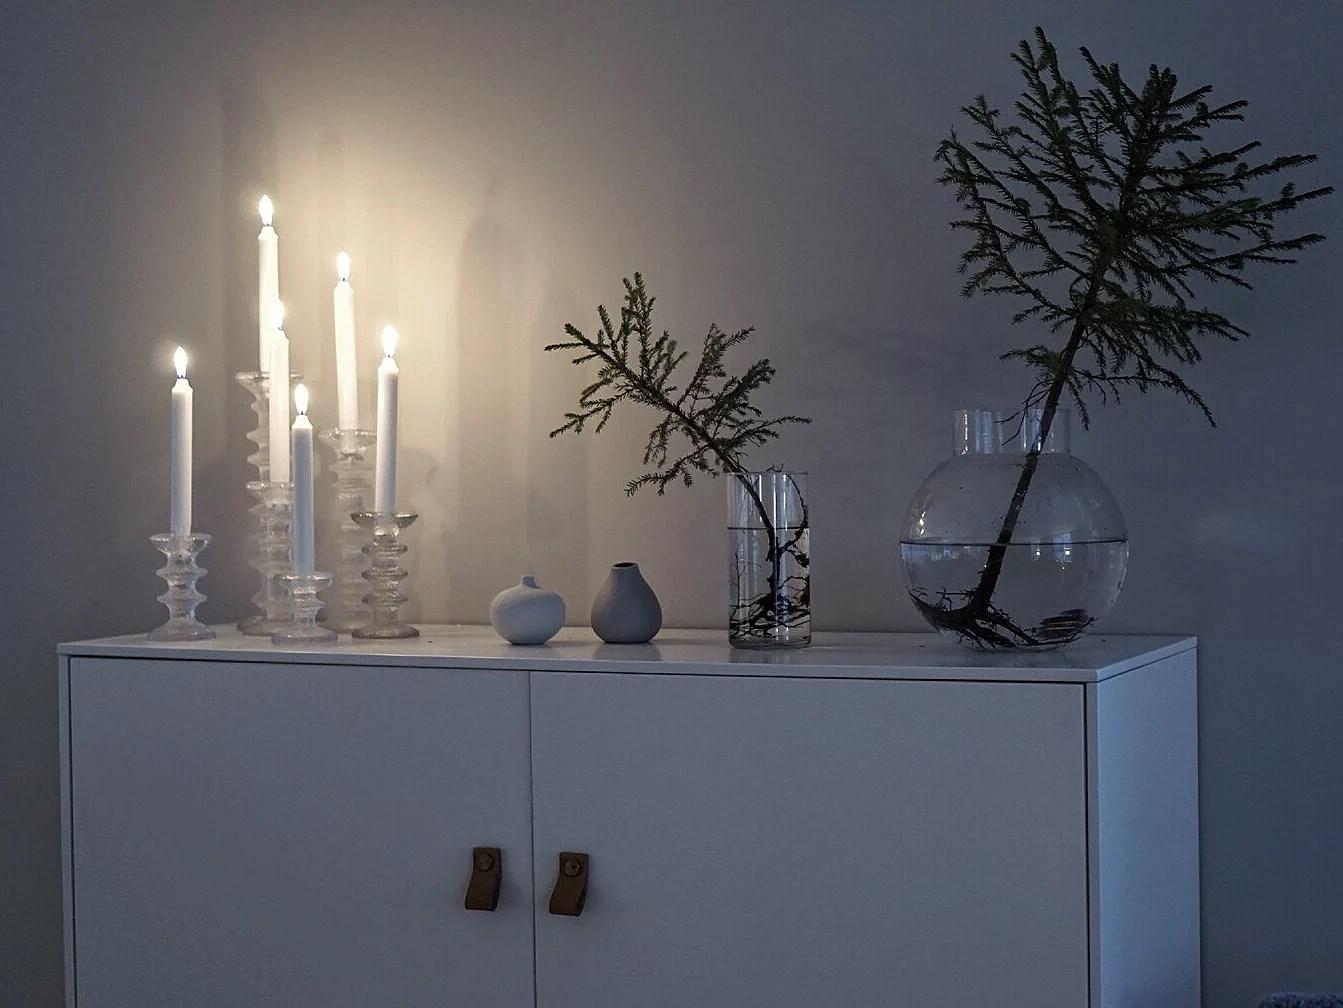 VI BLÅSER BORT